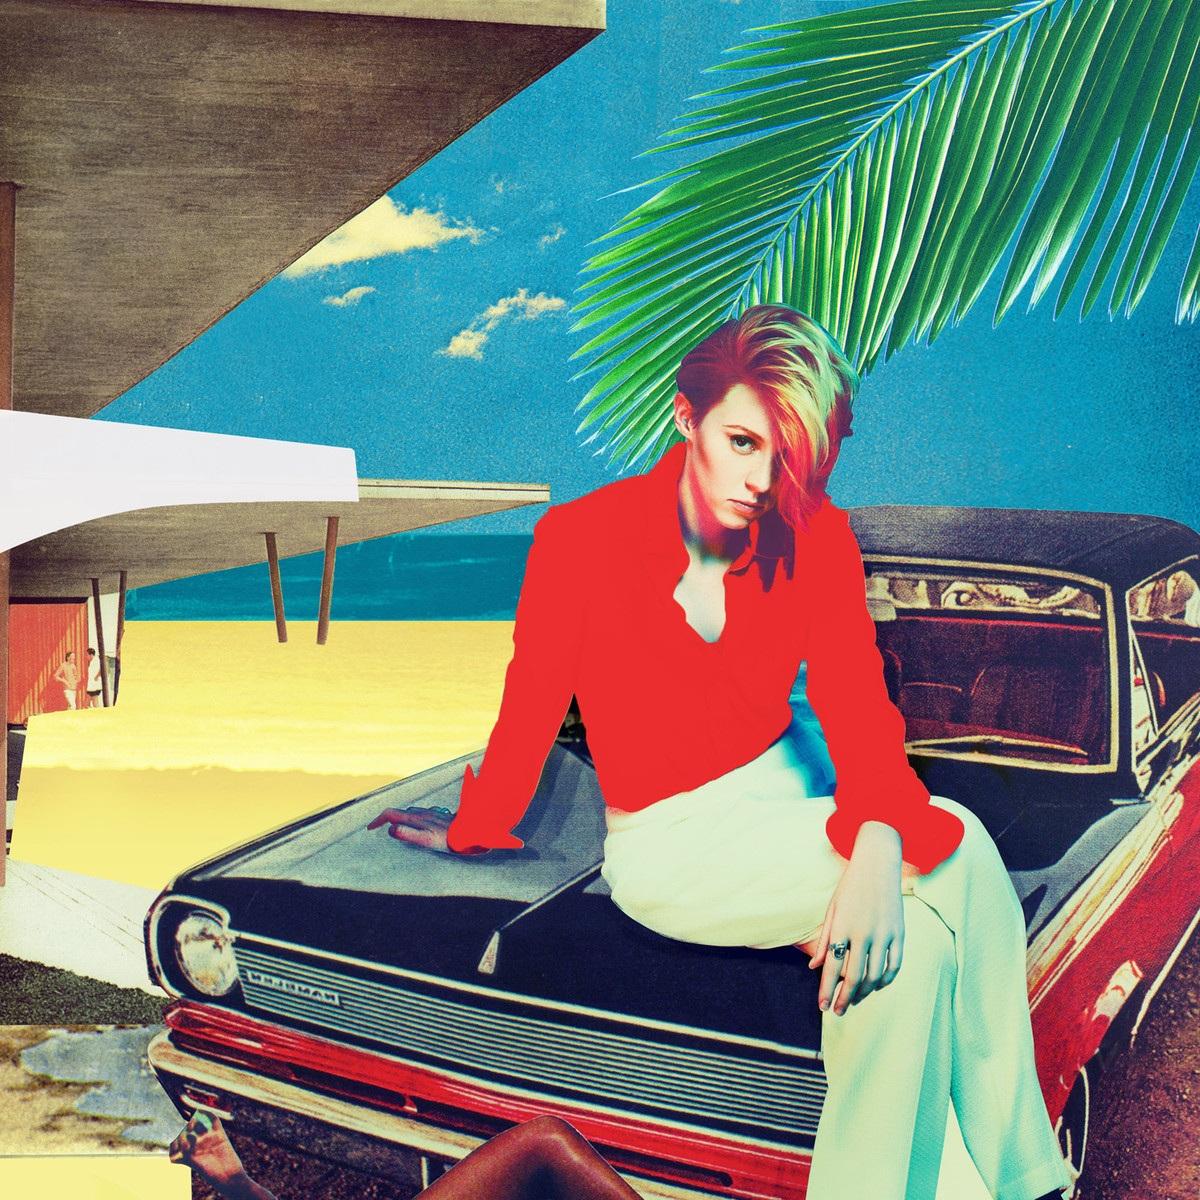 La-Roux-Trouble-In-Paradise.jpg